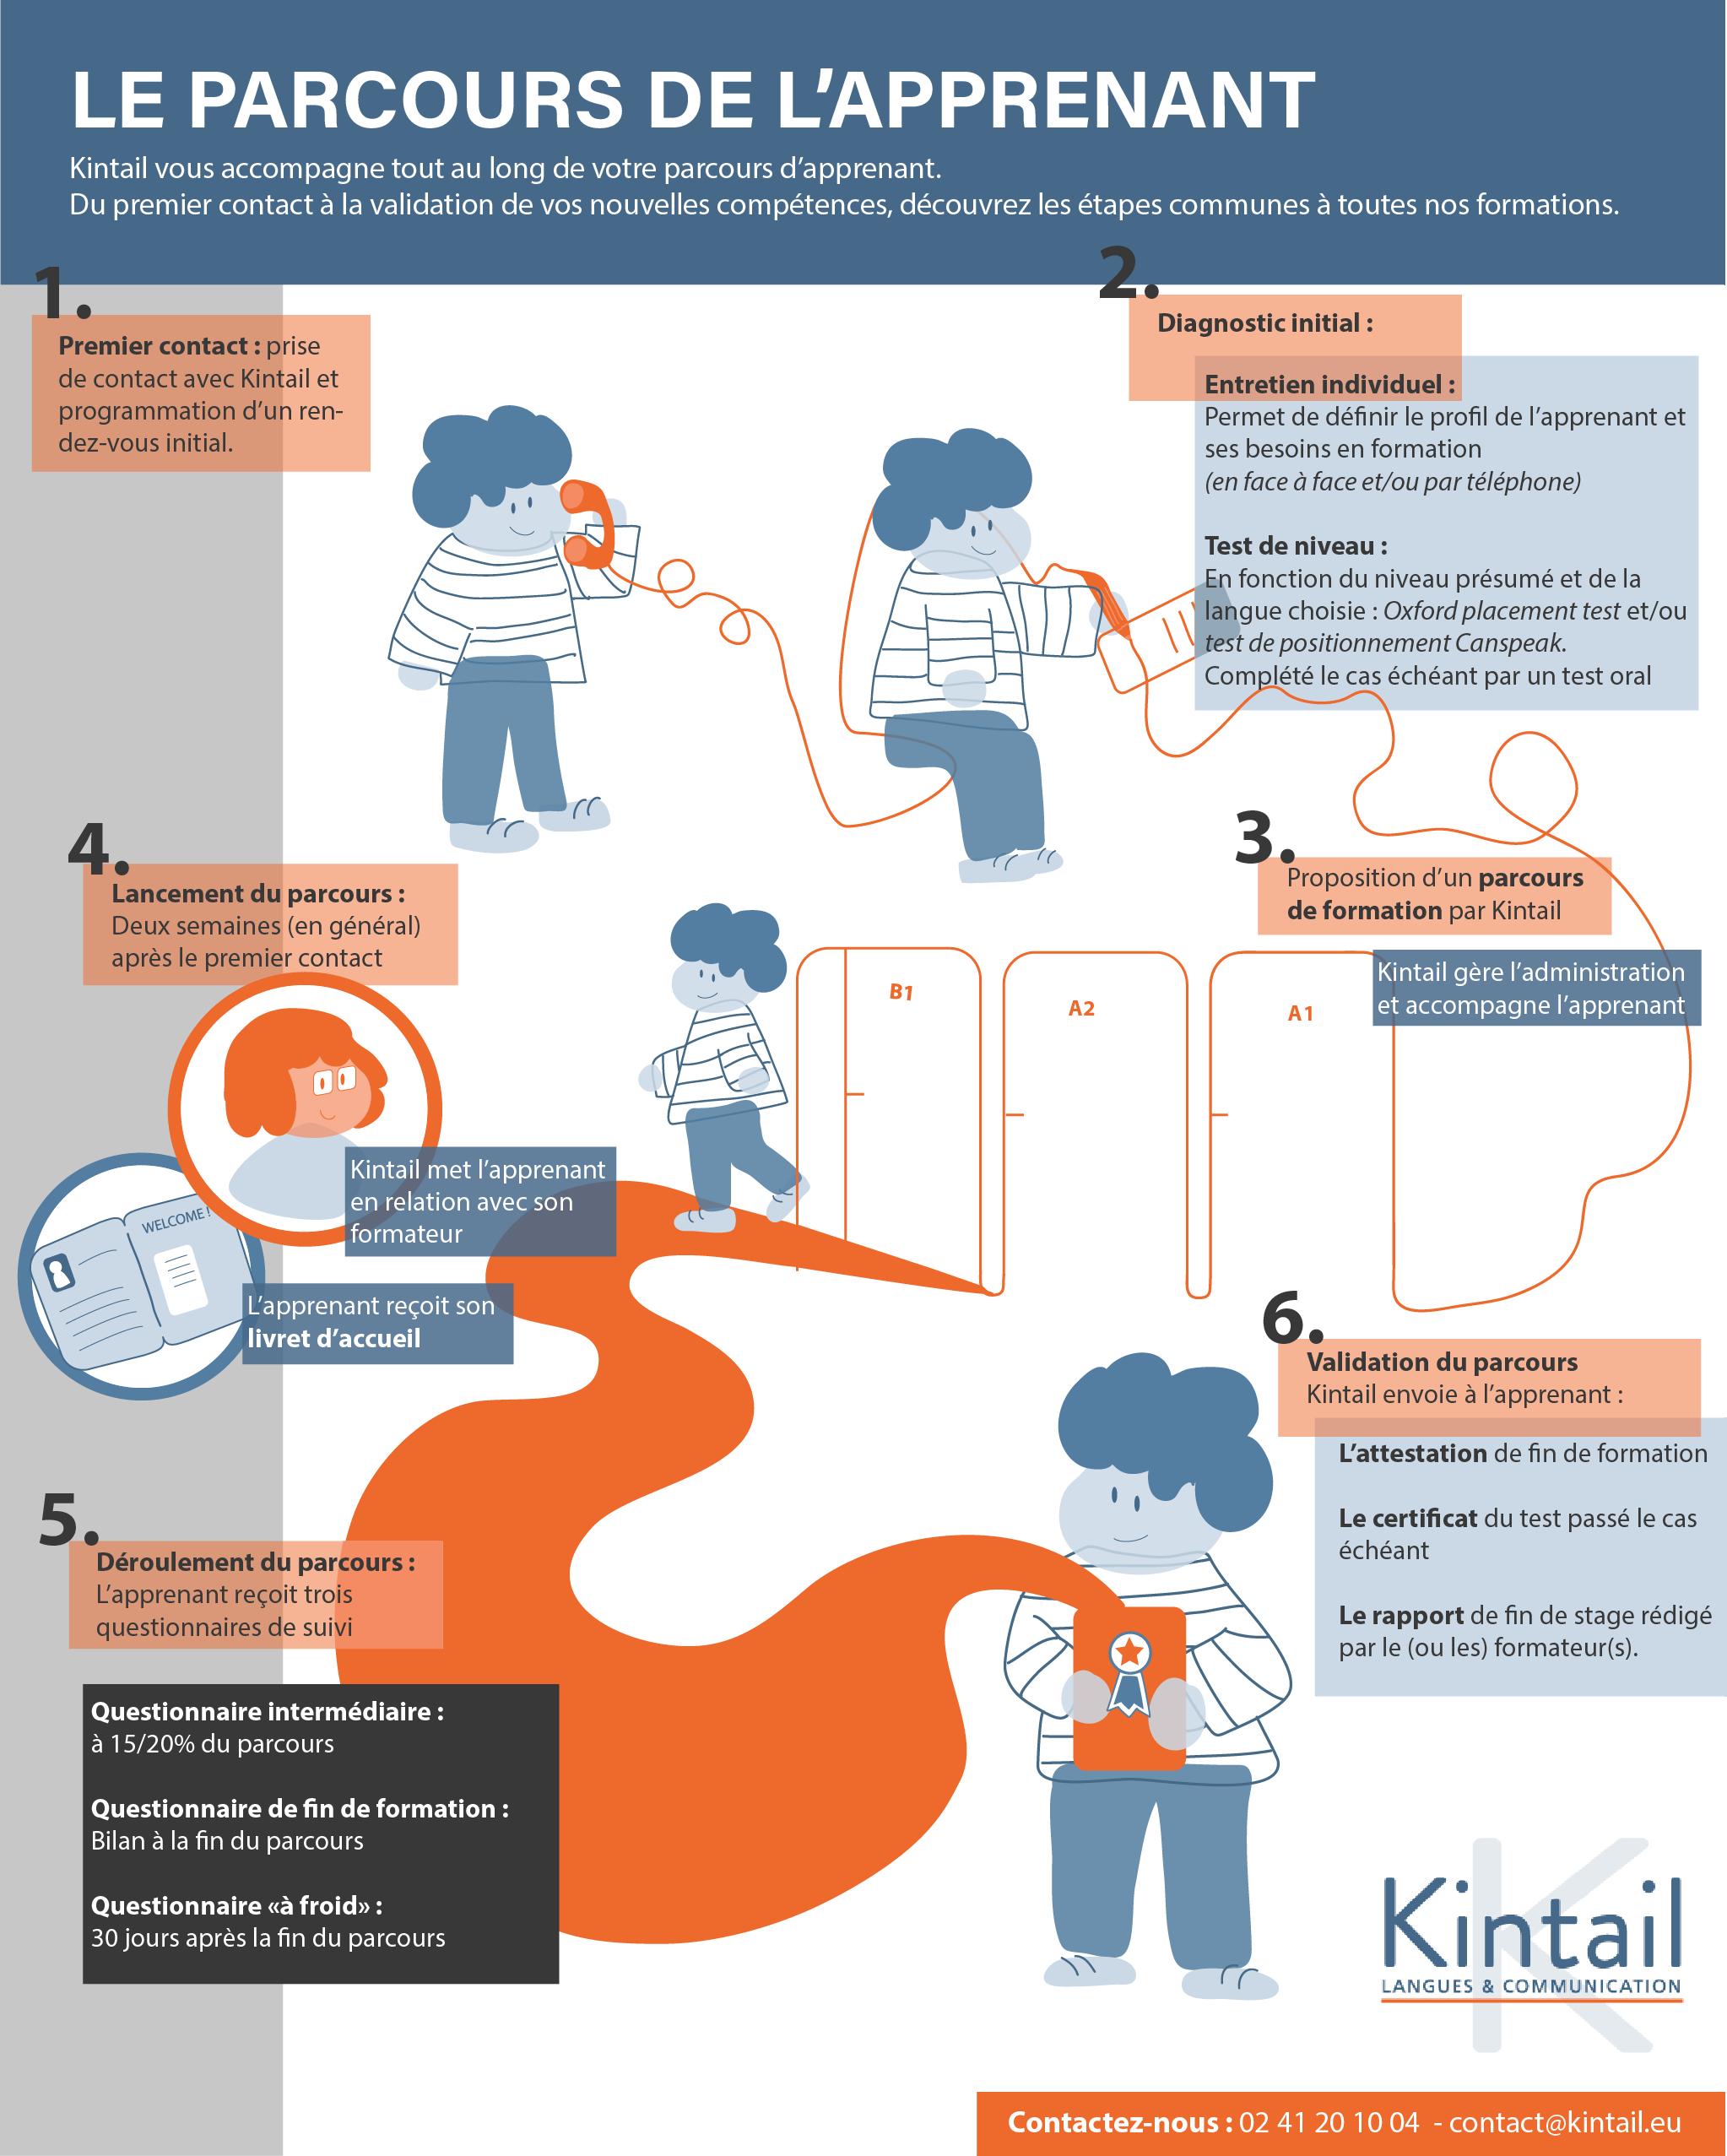 parcours de l'apprenant Kintail 2020